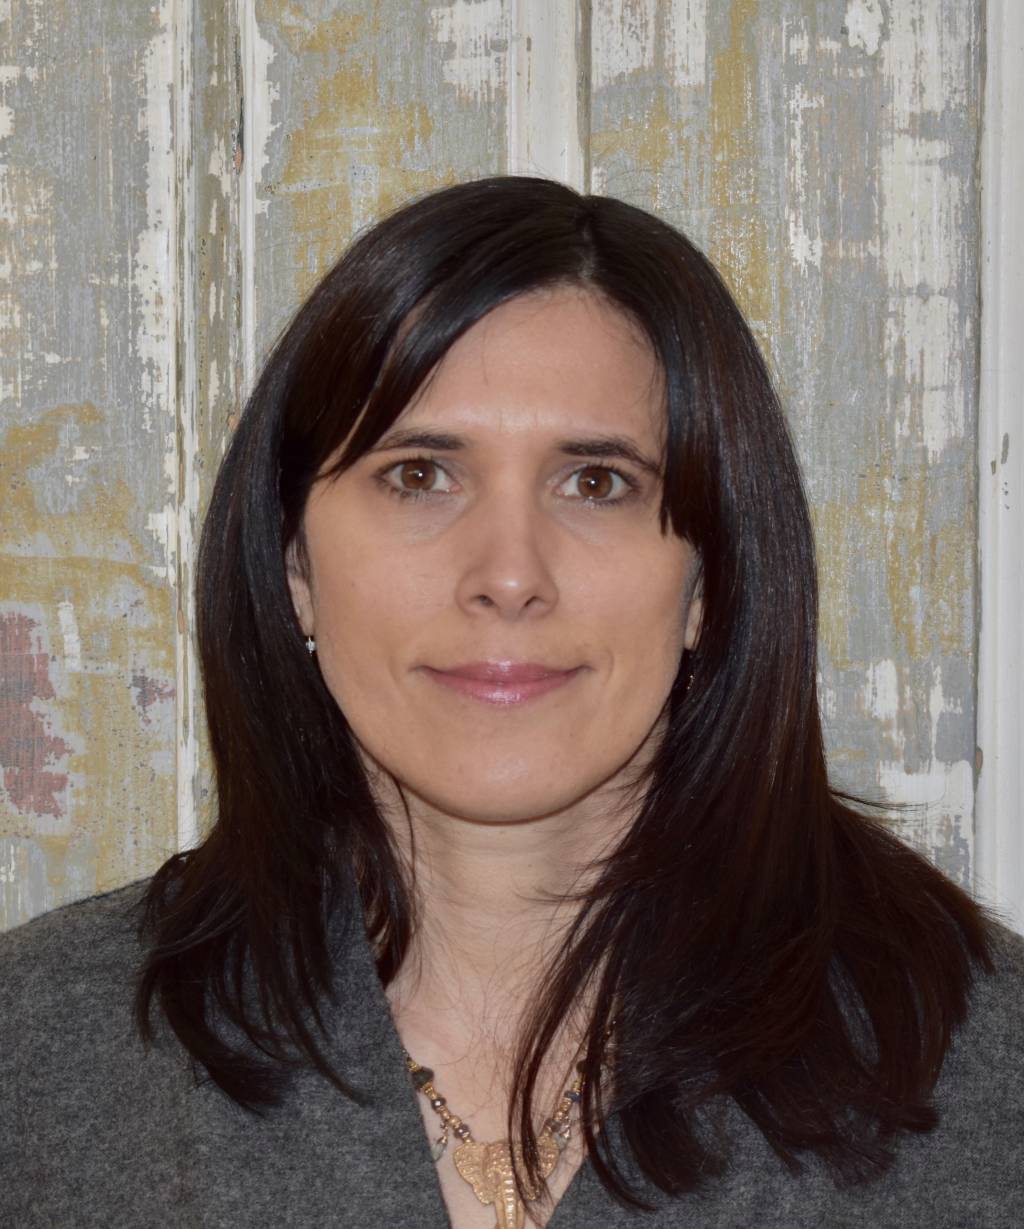 Kim Carpico